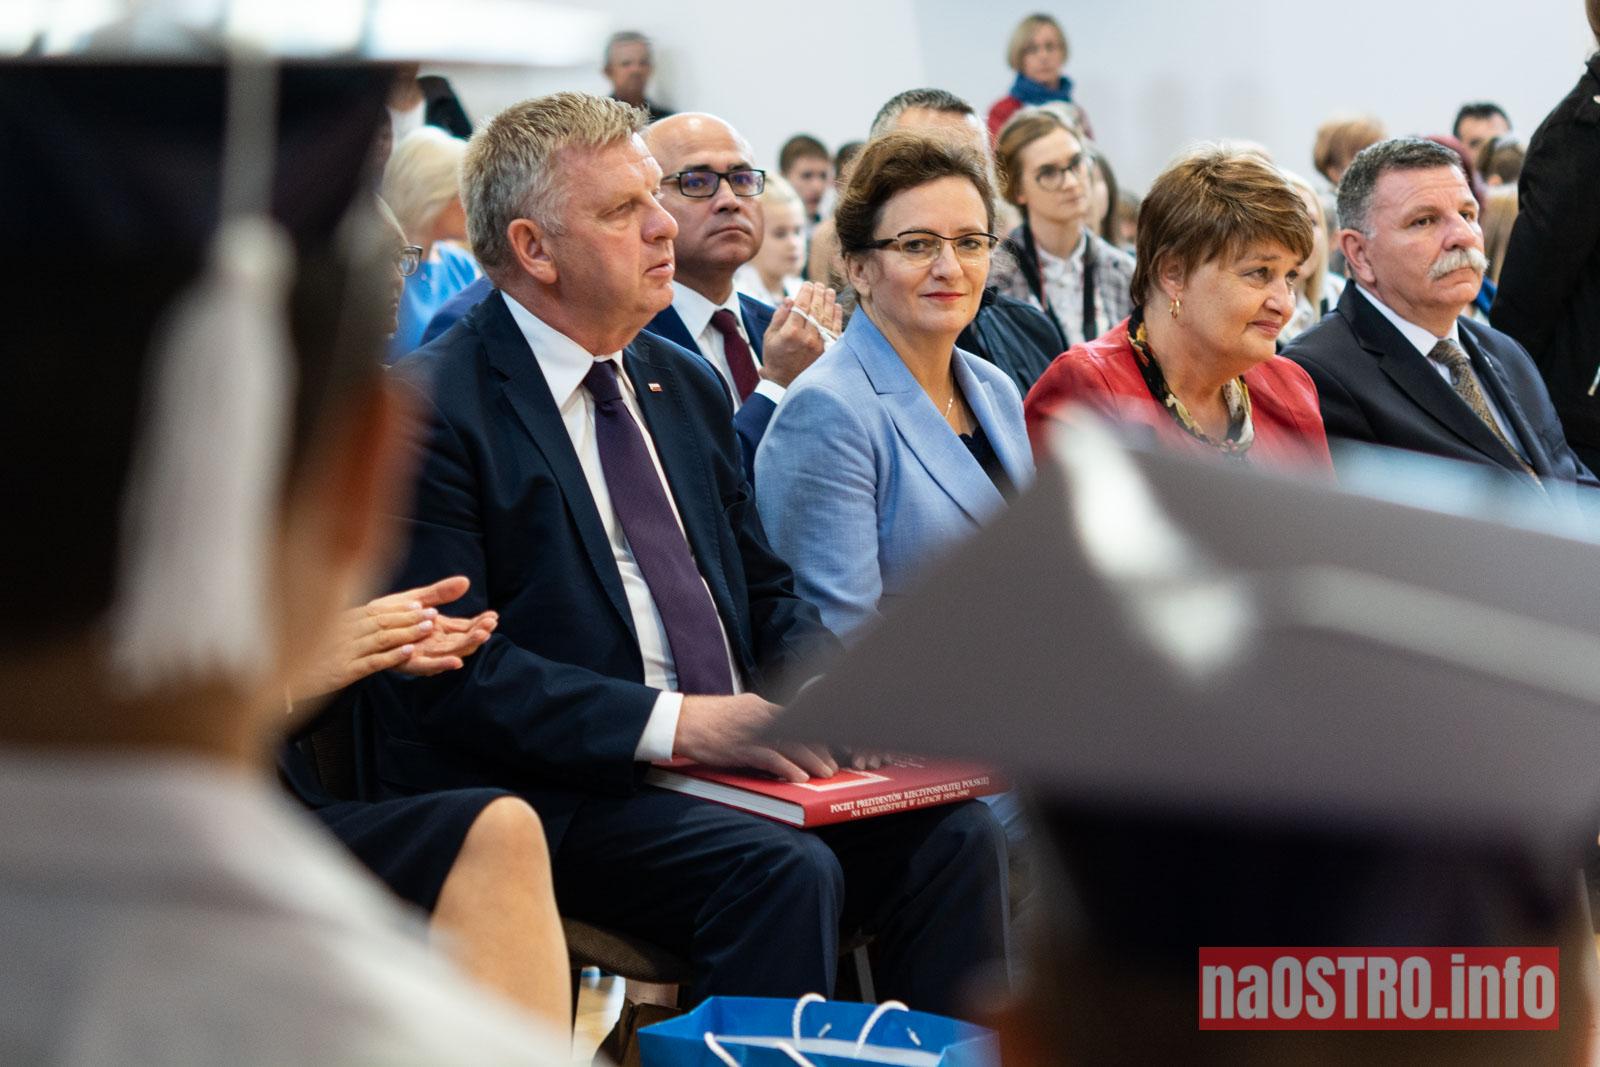 NaOSTRO Otwarcie Szkoły w Bałtowie-130